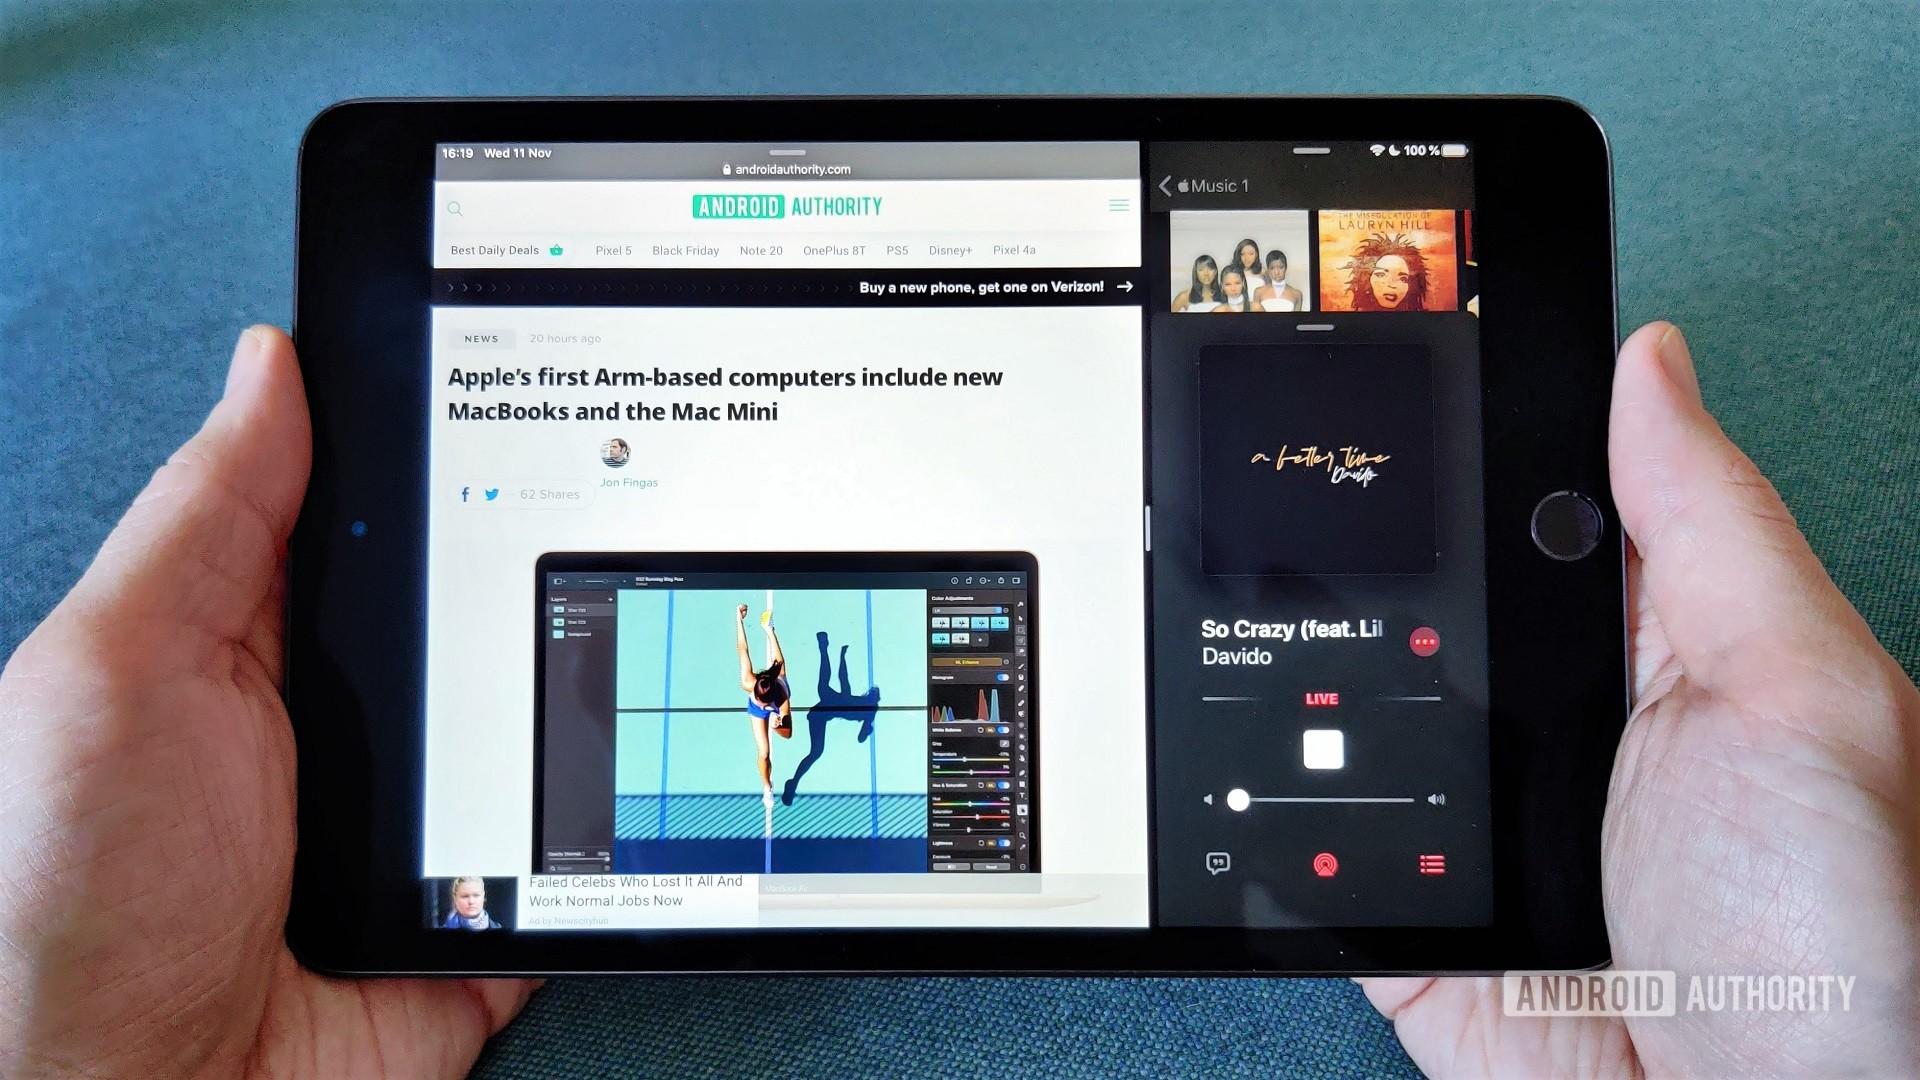 iPad Mini multitasking